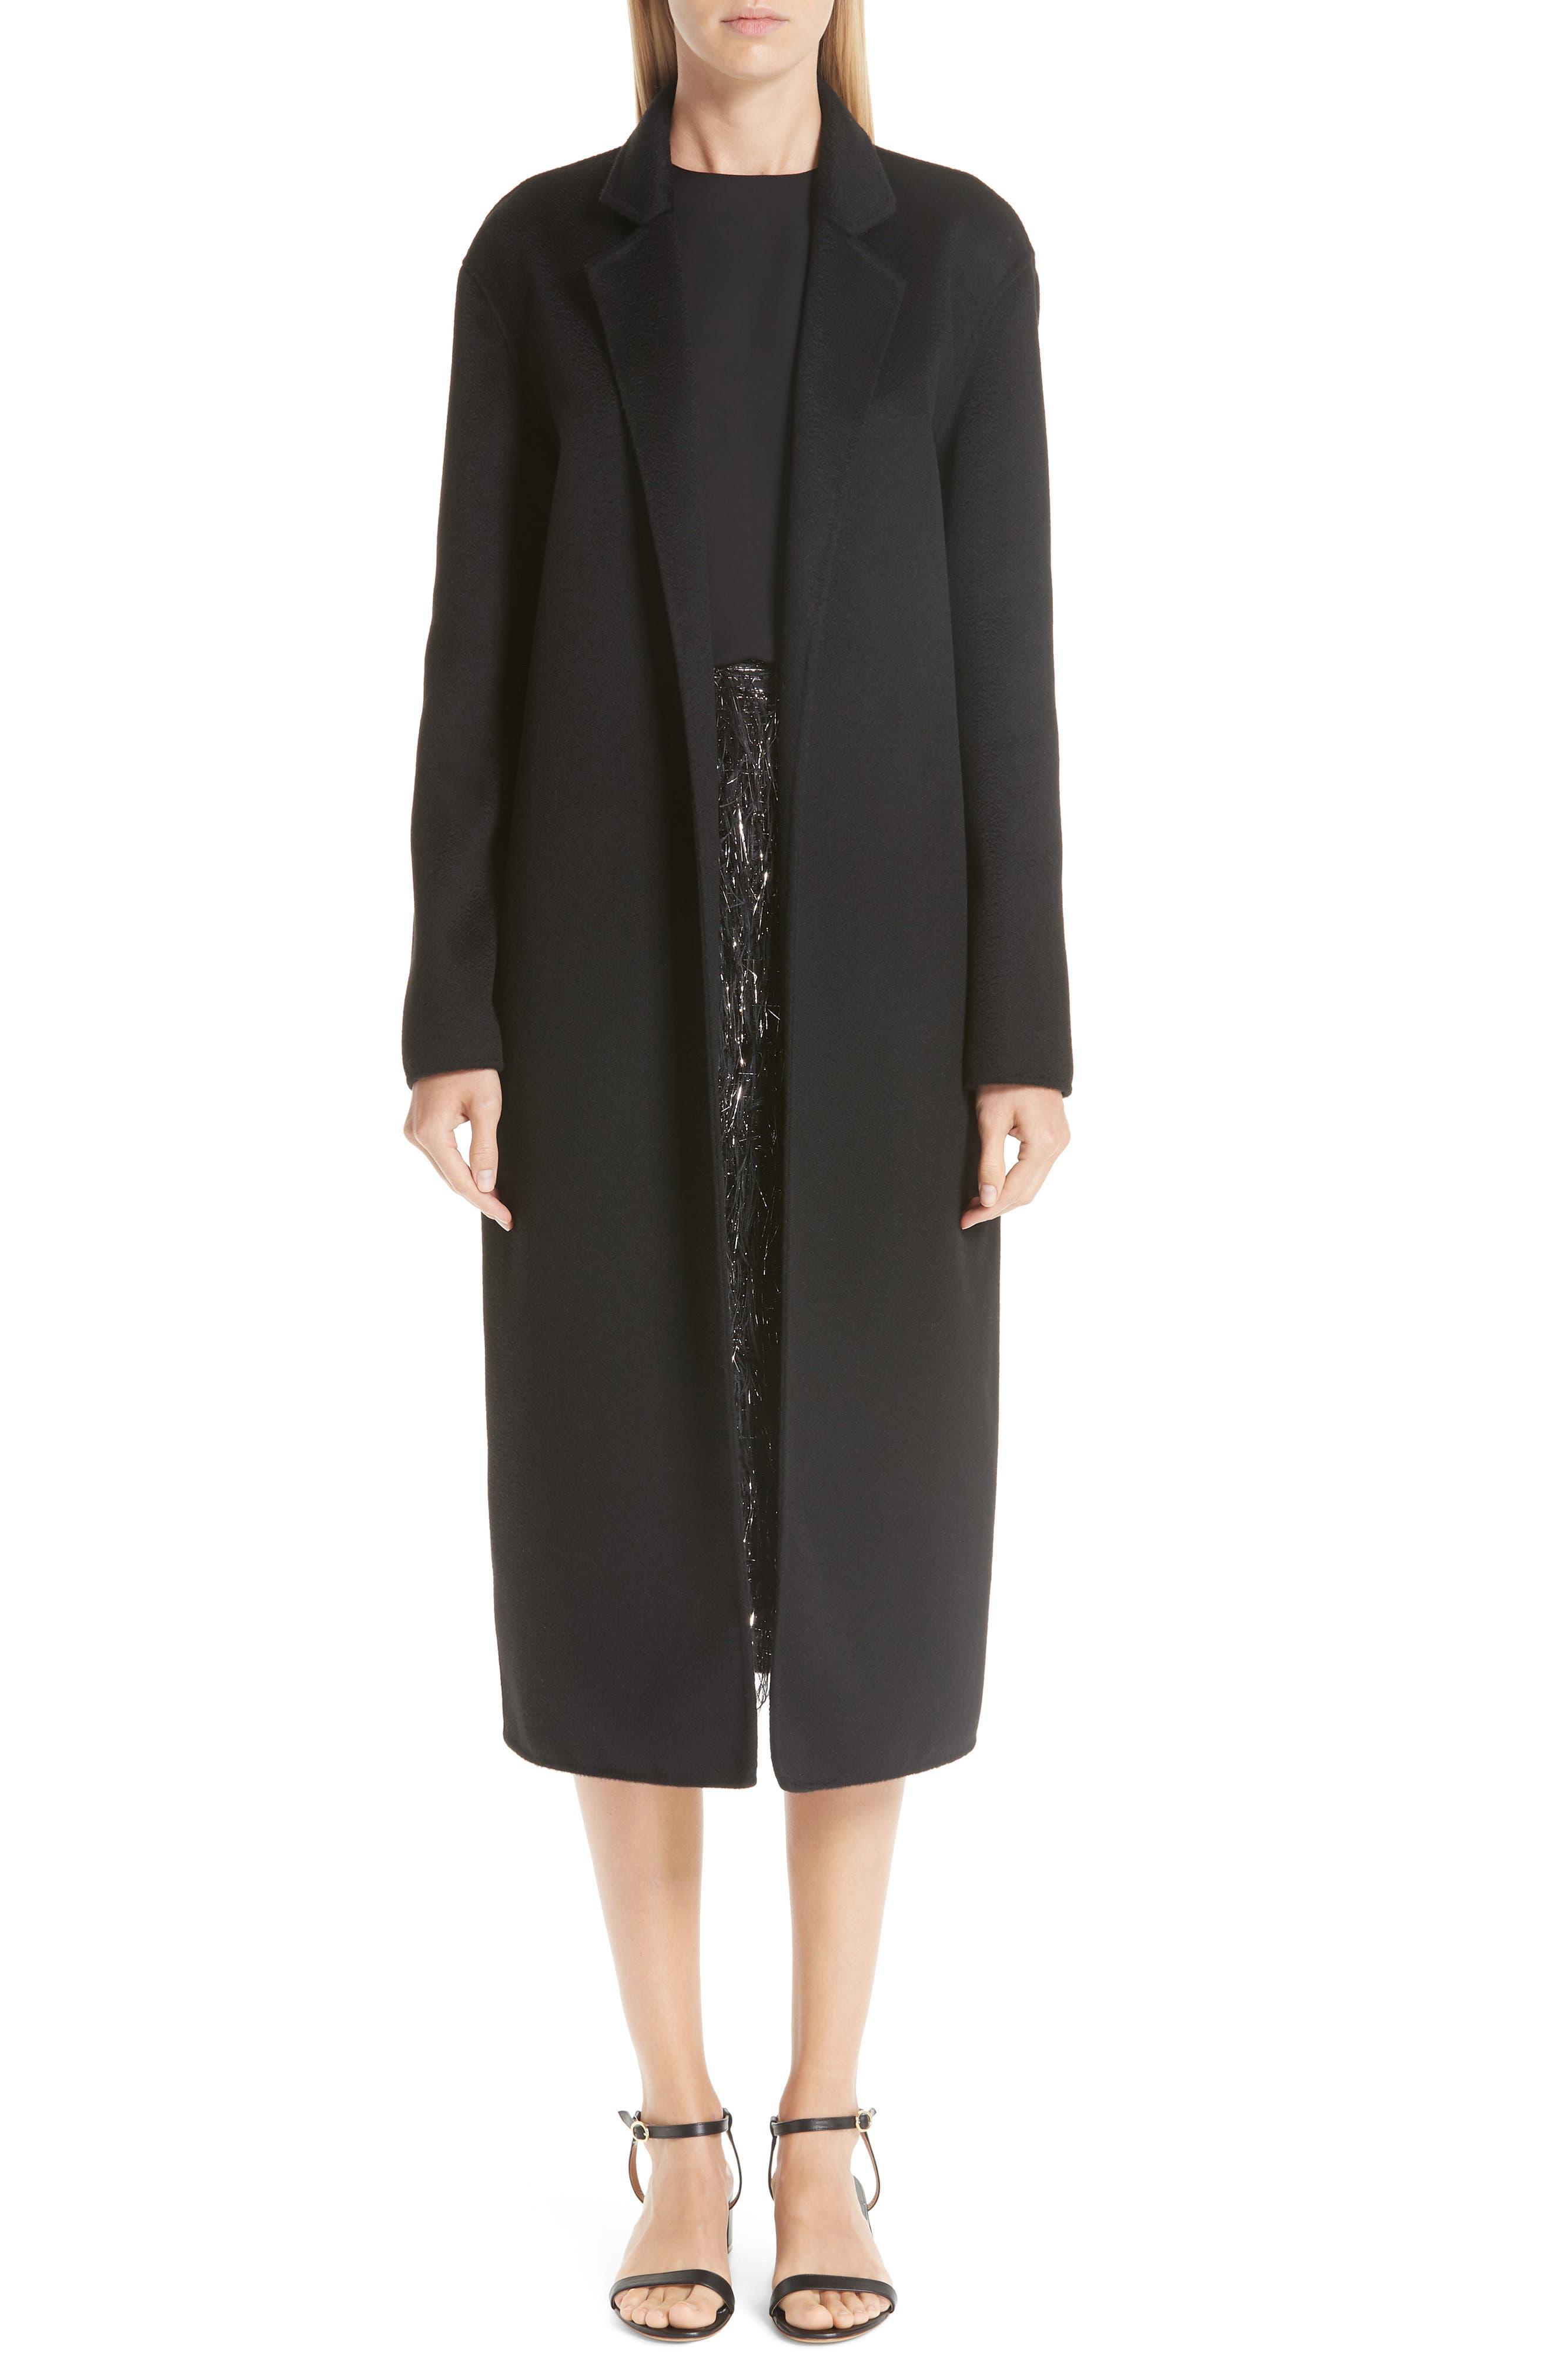 MANSUR GAVRIEL,                             Longline Cashmere Coat,                             Alternate thumbnail 7, color,                             001